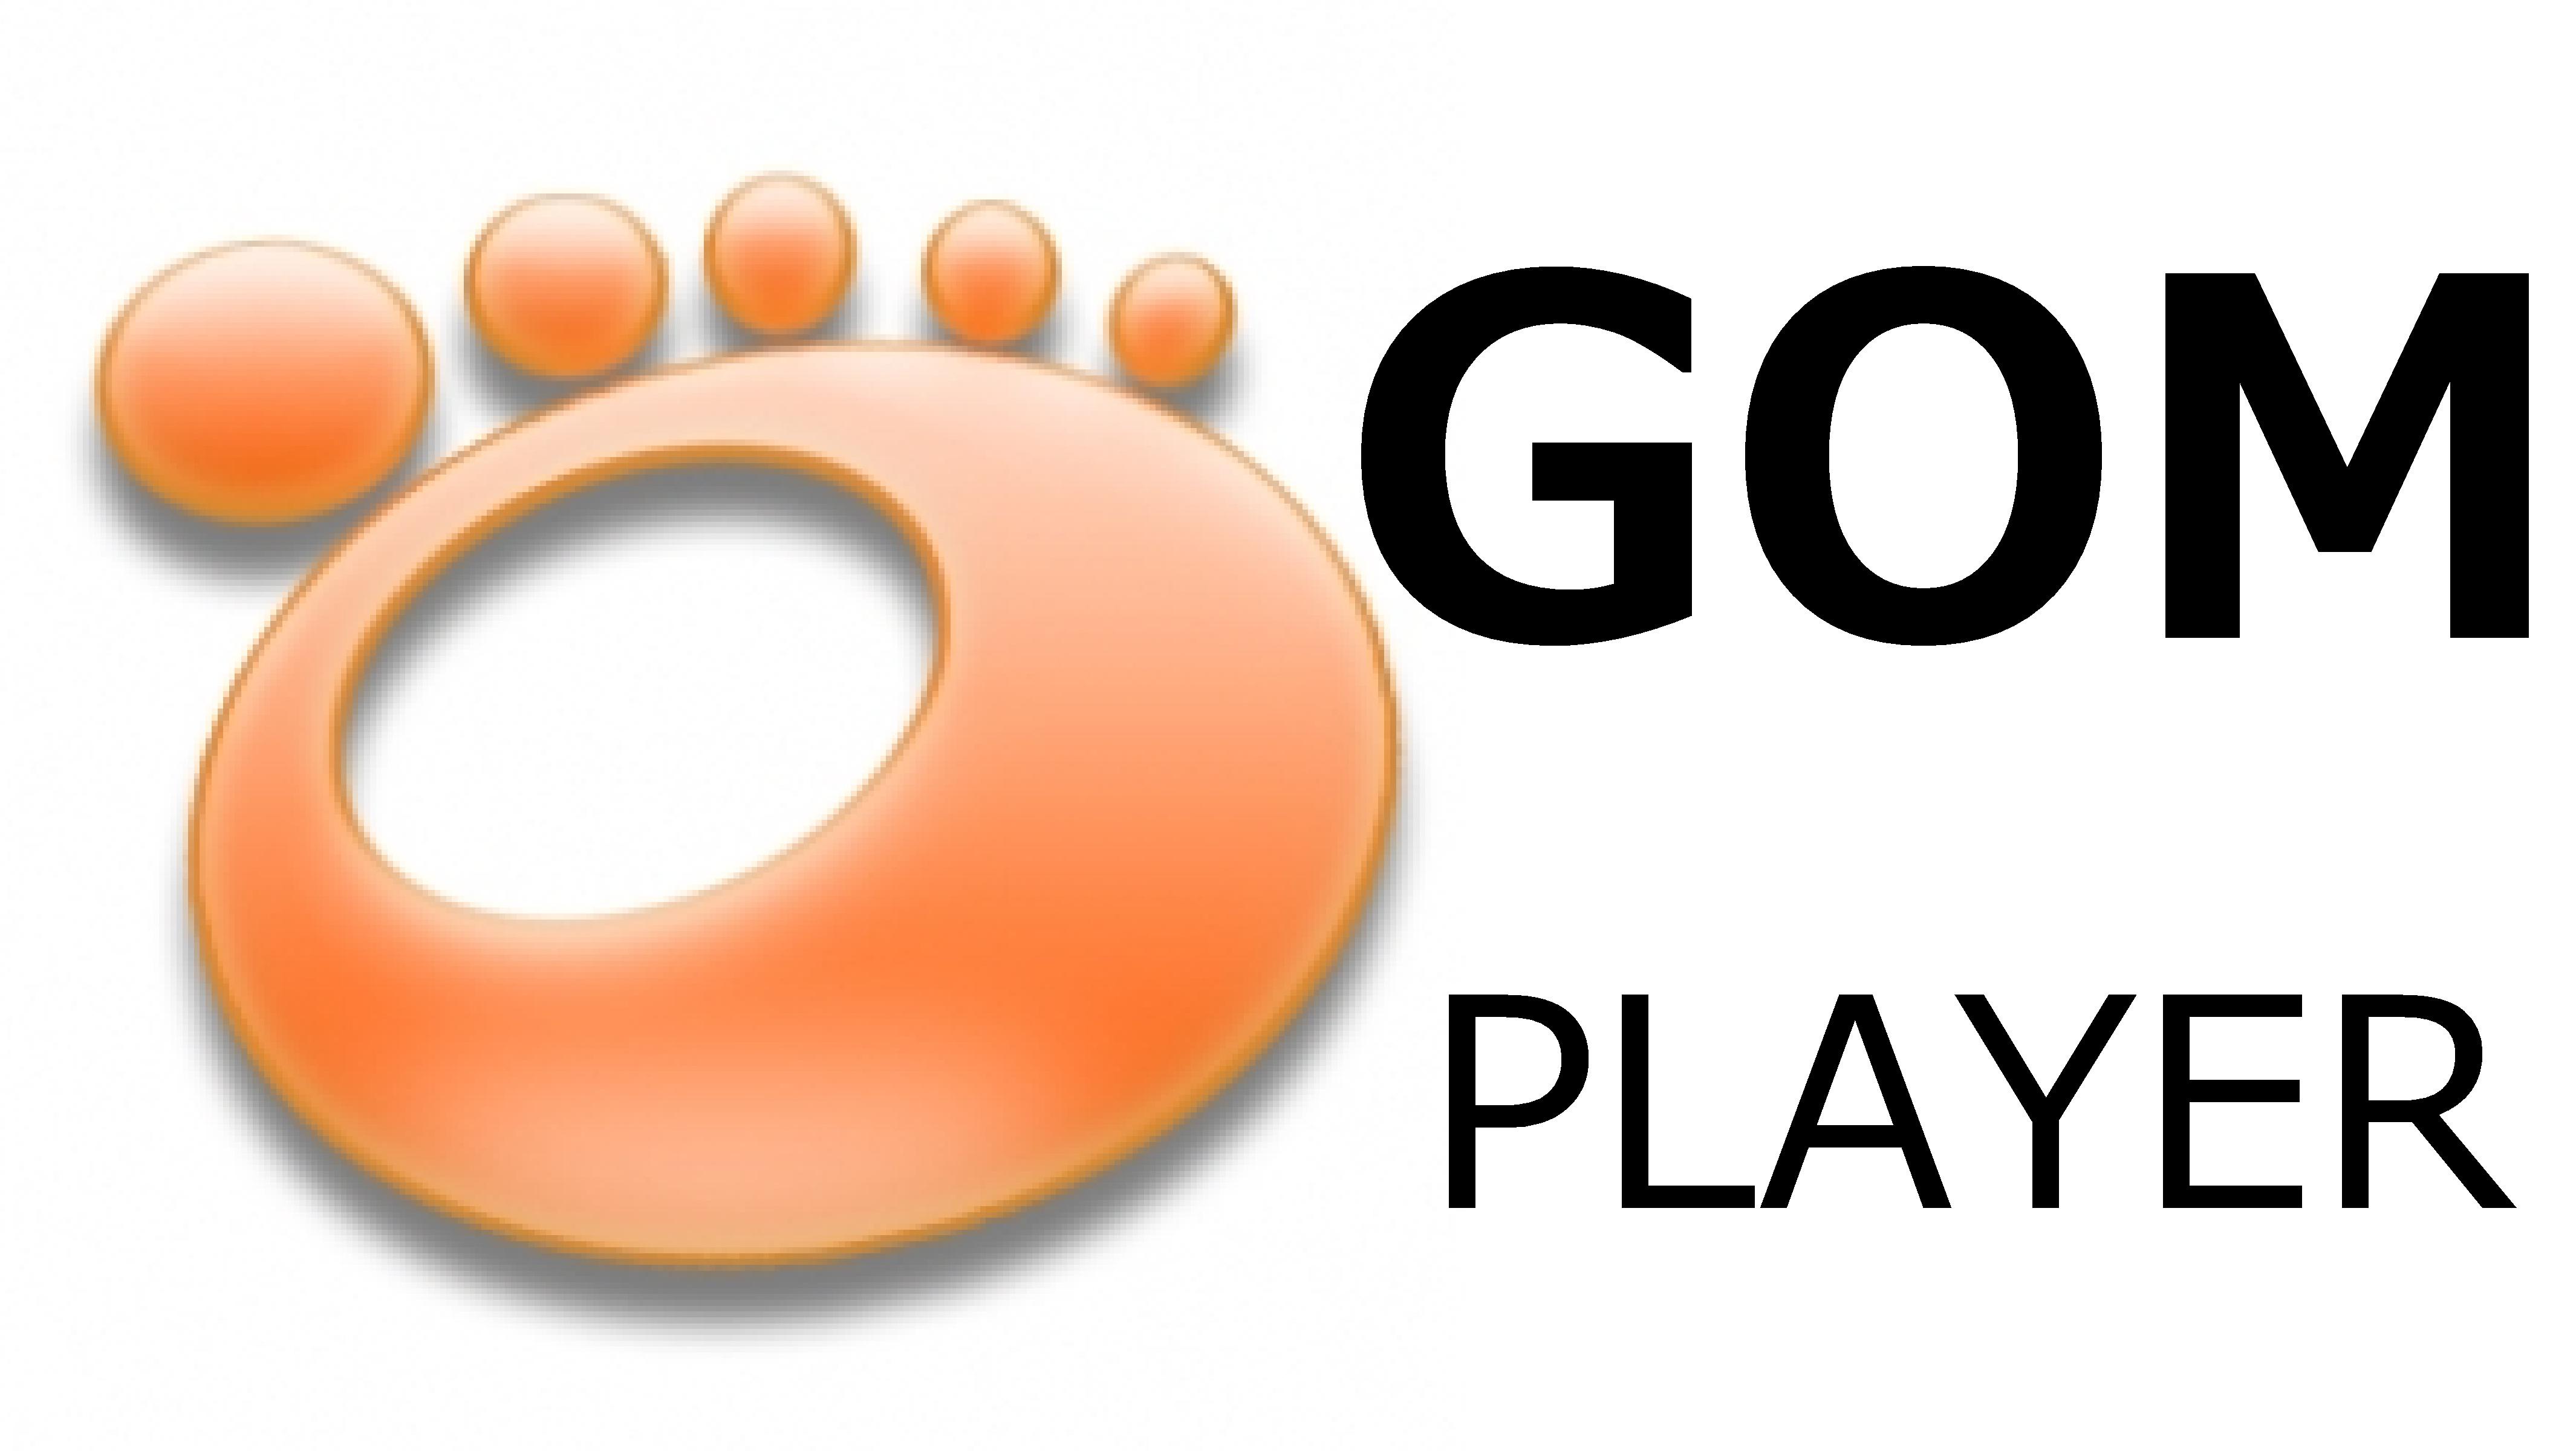 ゴムプレイヤーのダウンロード手順と操作方法をわかりやすく解説!